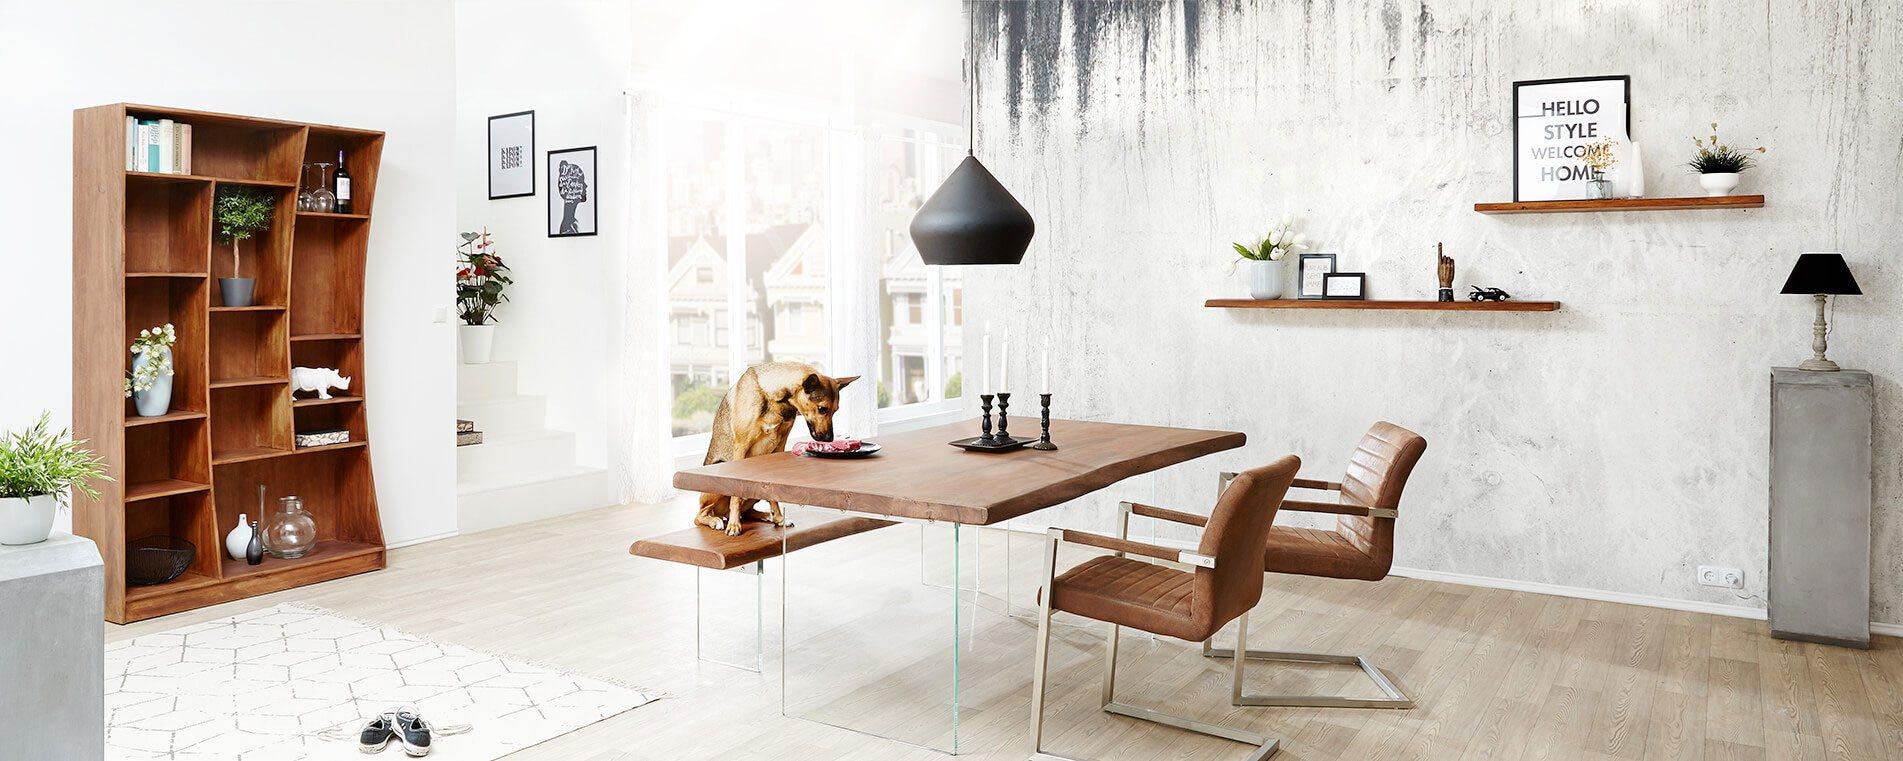 Massivholzmöbel design  Massivholzmöbel | Design Sofas | Hochglanzmöbel von DELIFE